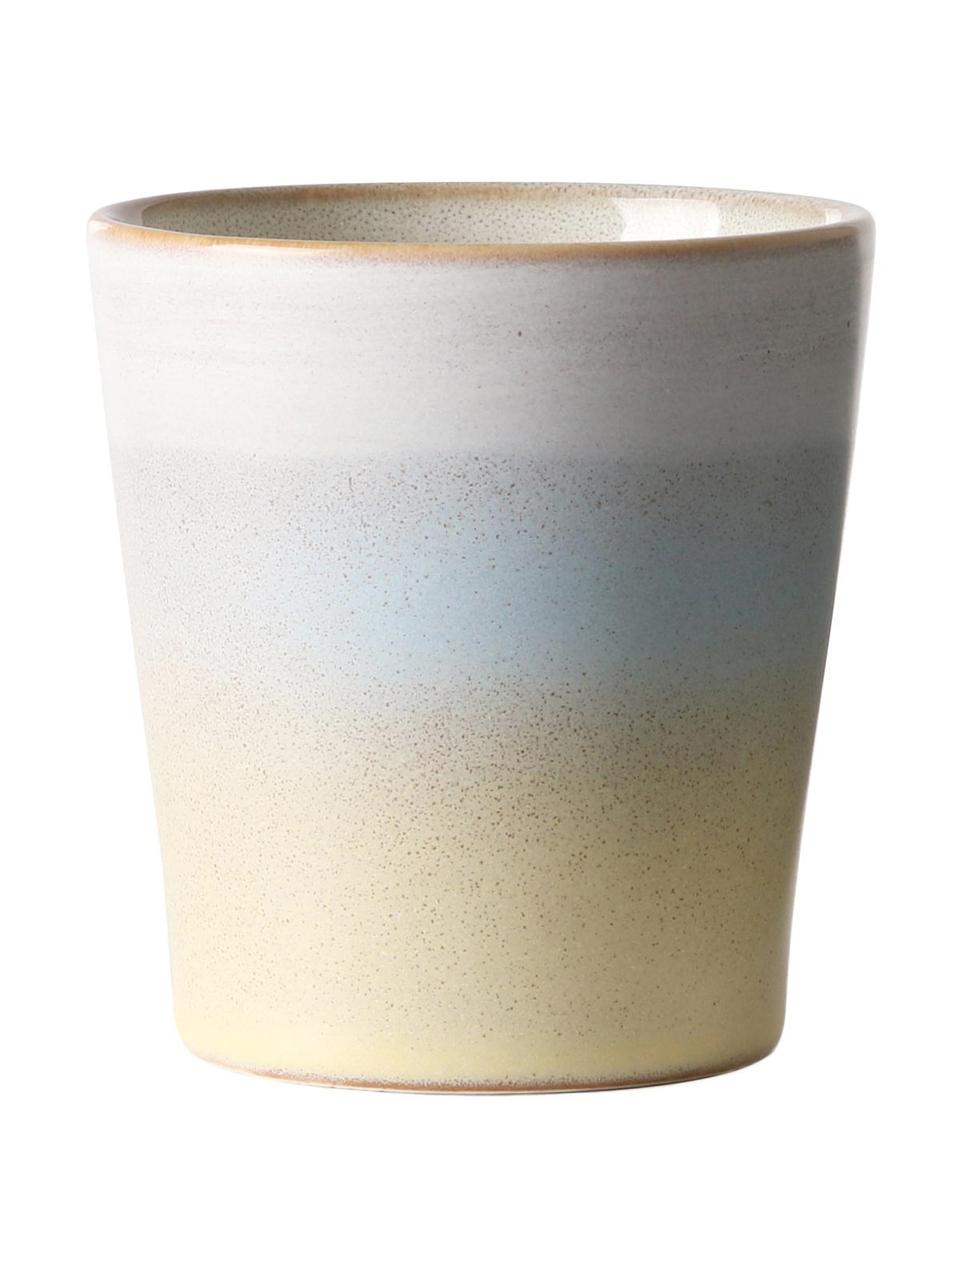 Handgemachte XS Becher 70's im Retro Style, 2er-Set, Keramik, Mehrfarbig, Ø 8 x H 8 cm